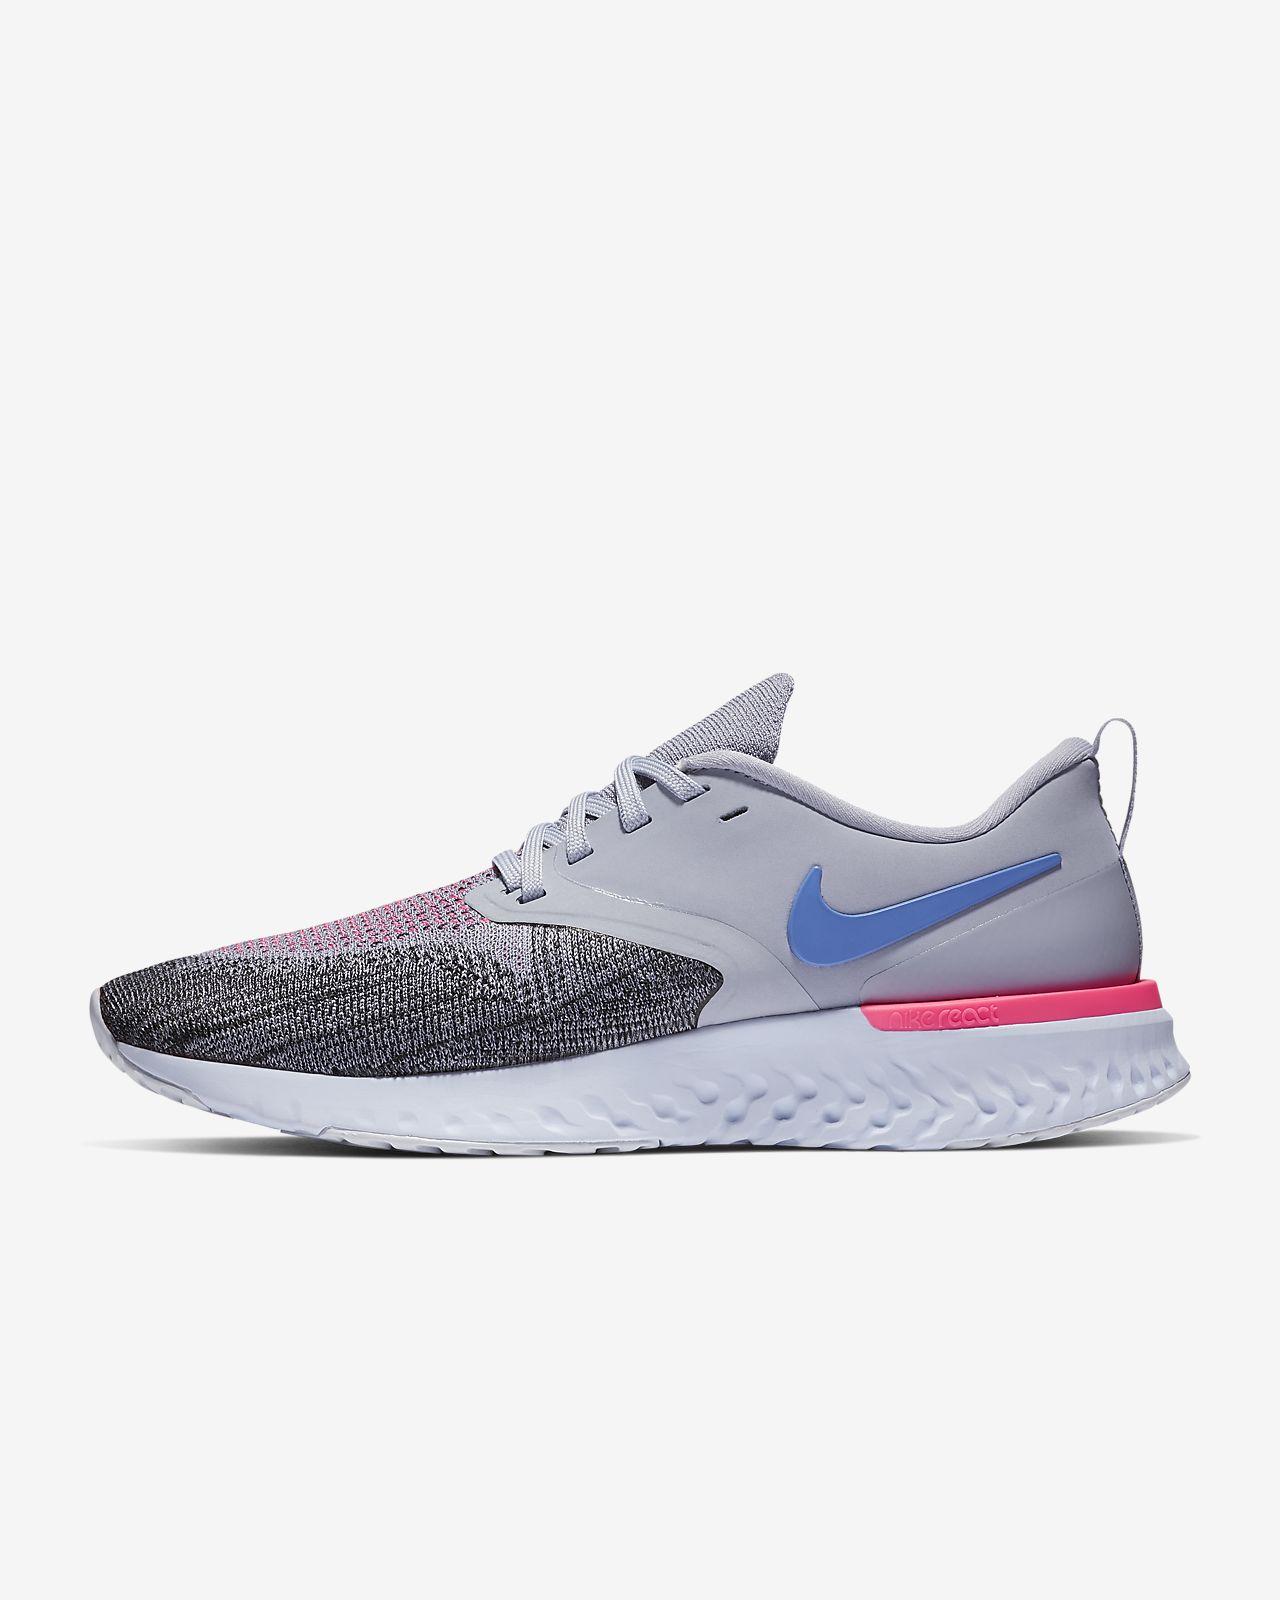 brand new 16ad6 fa14e ... Löparsko Nike Odyssey React Flyknit 2 för kvinnor